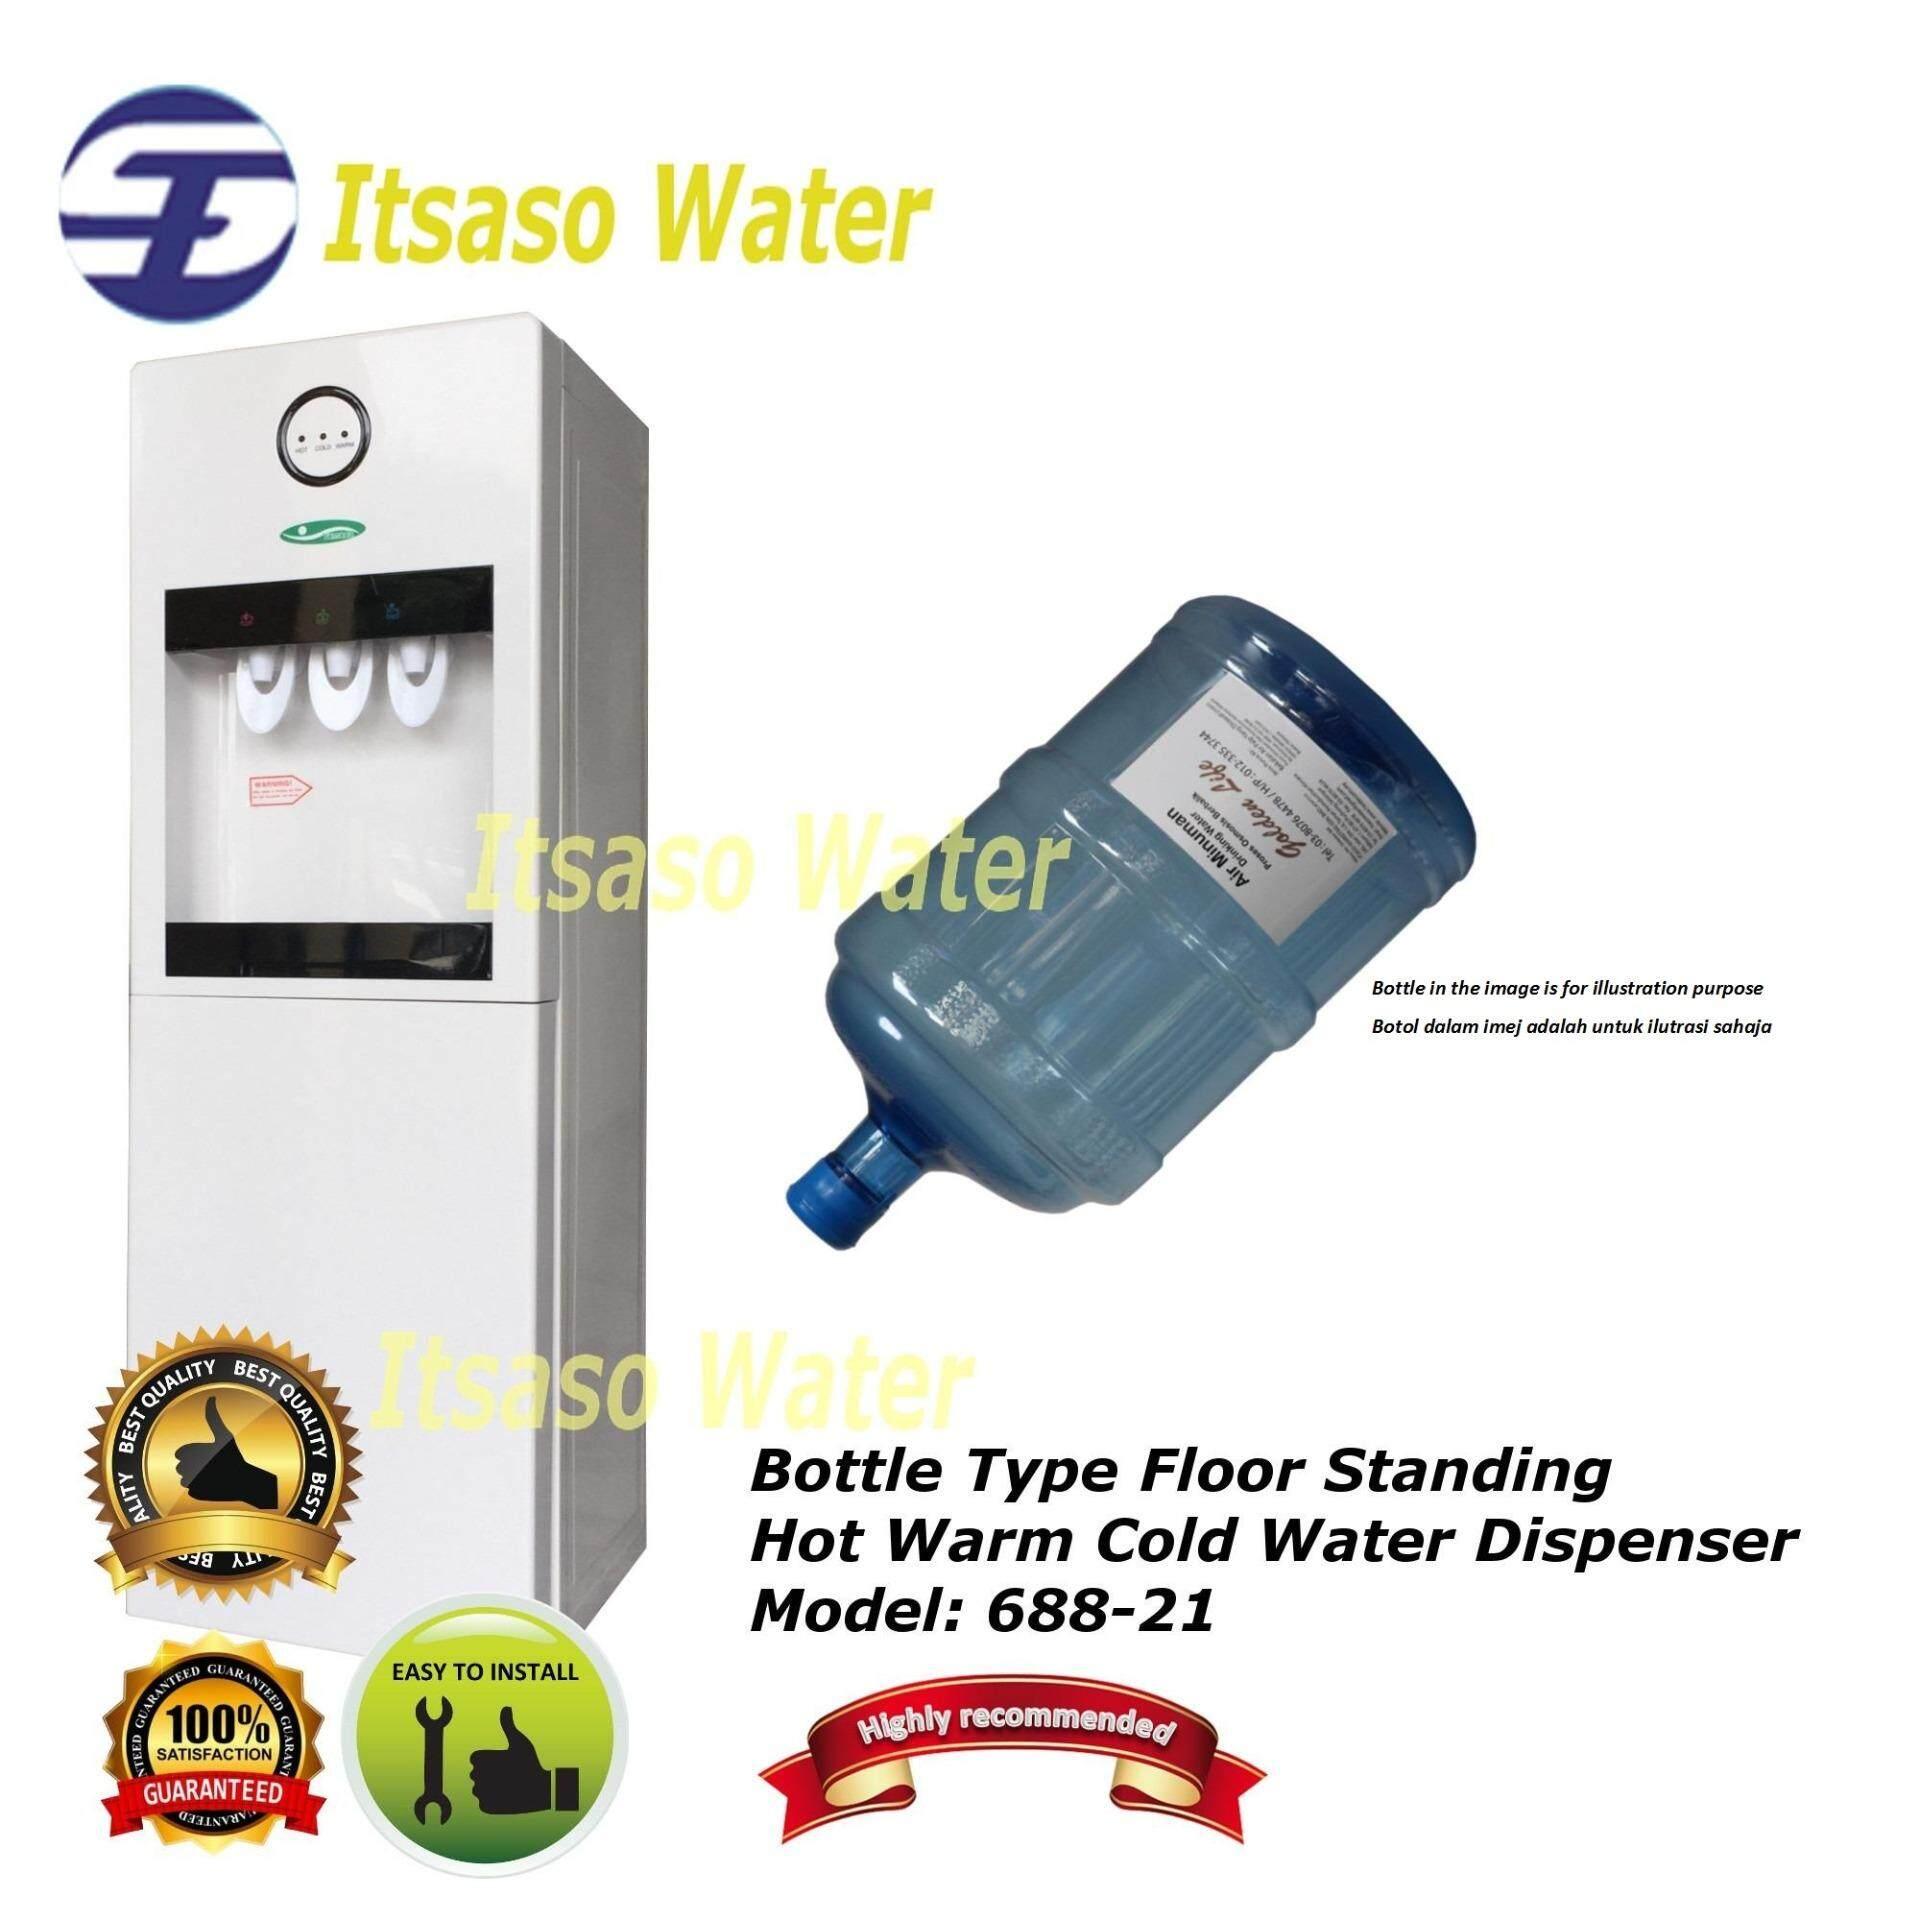 Bottle Type – Hot Normal Cold Floor Standing Water Dispenser – 688-21